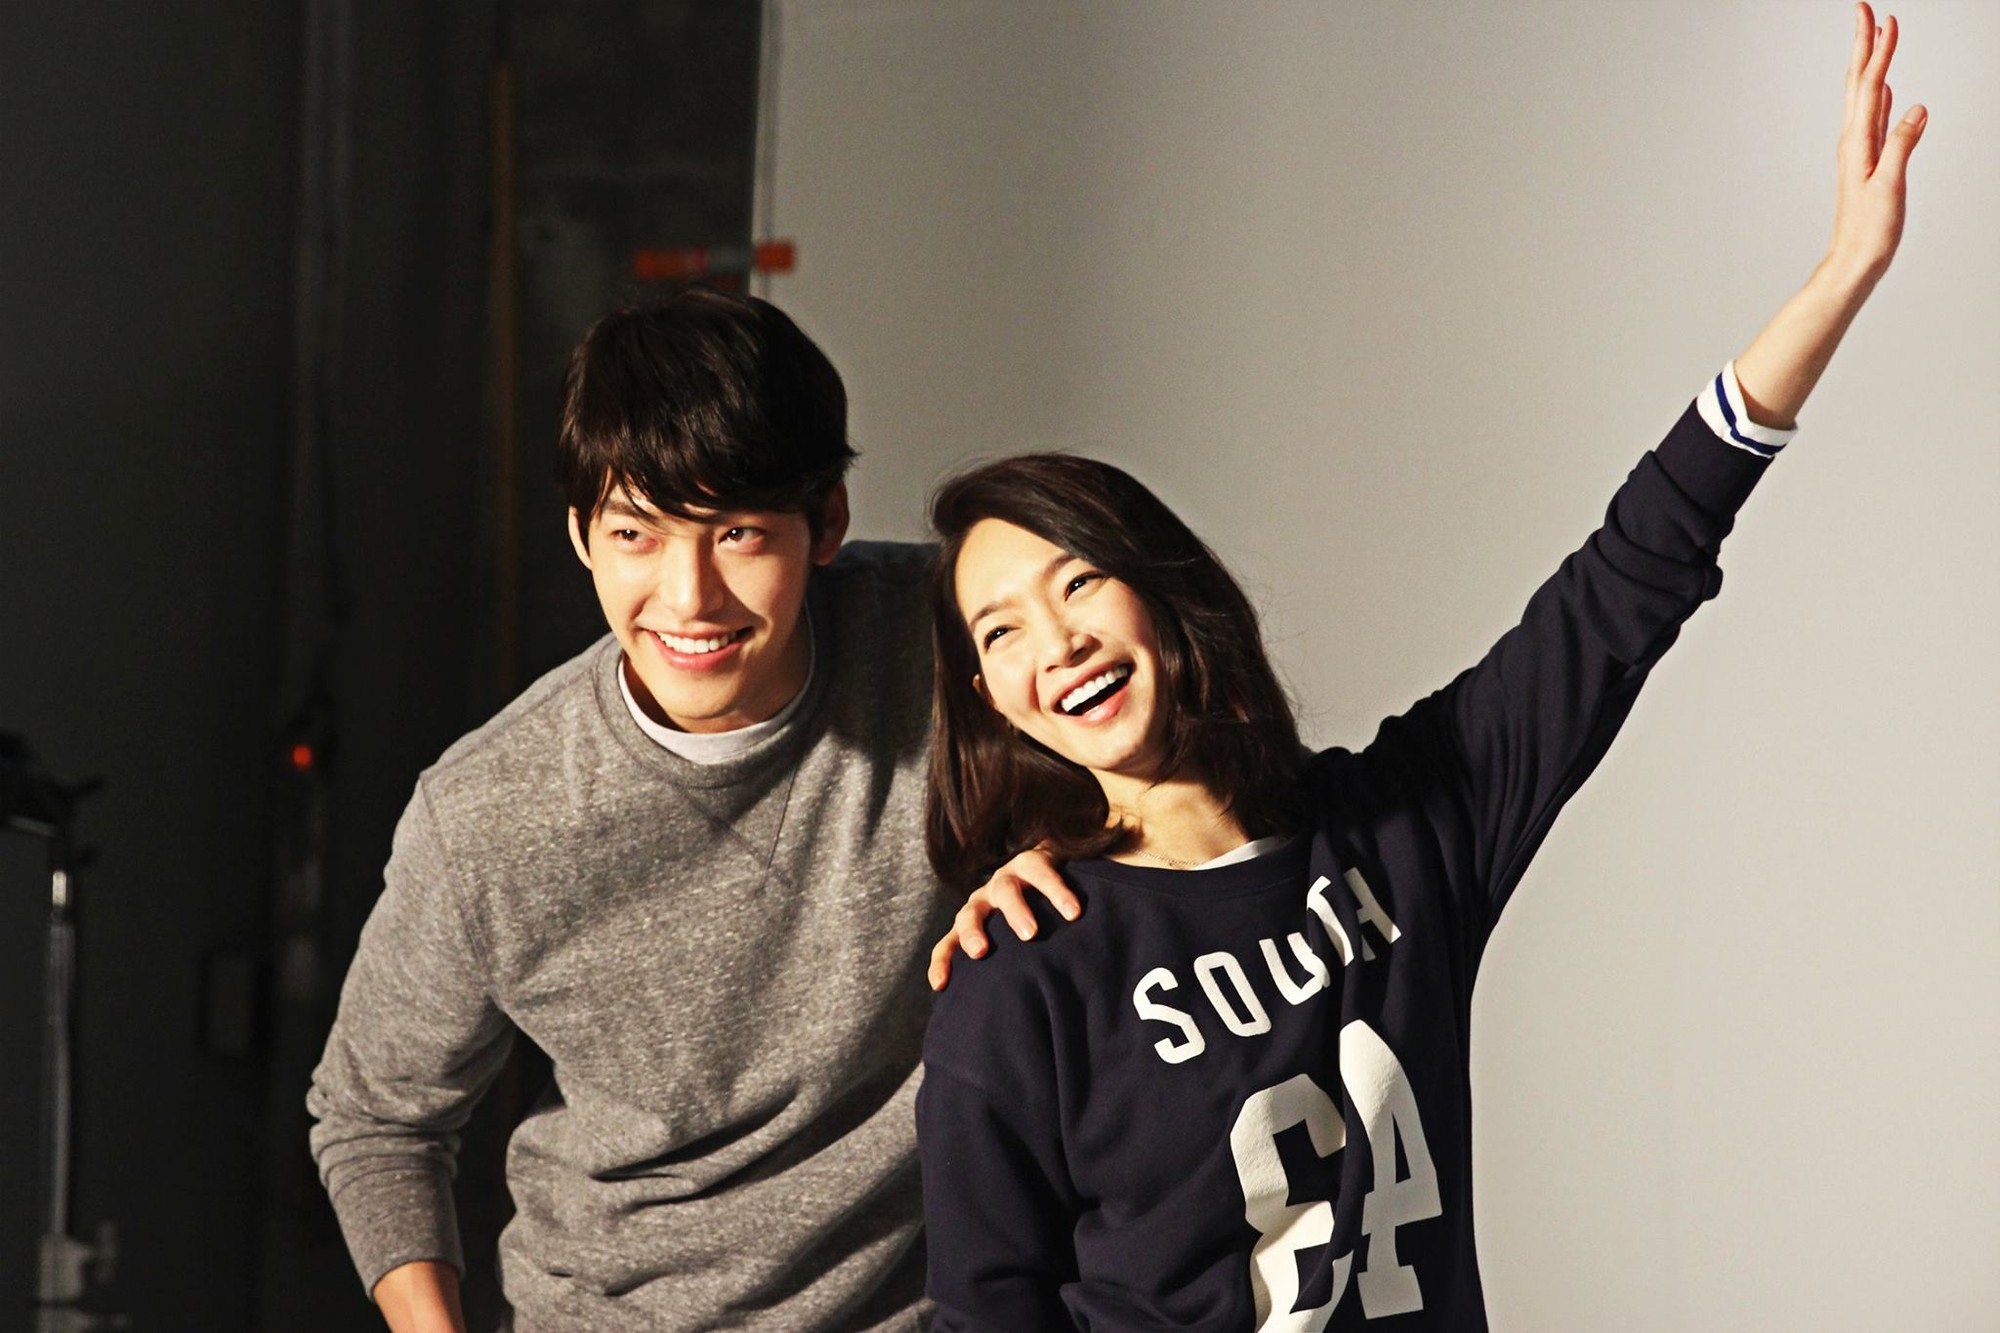 Giữa Kbiz đầy thị phi, Kim Woo Bin và Shin Min Ah vẫn bên nhau sau biến cố ung thư, lặng lẽ hẹn hò tại Australia - Ảnh 3